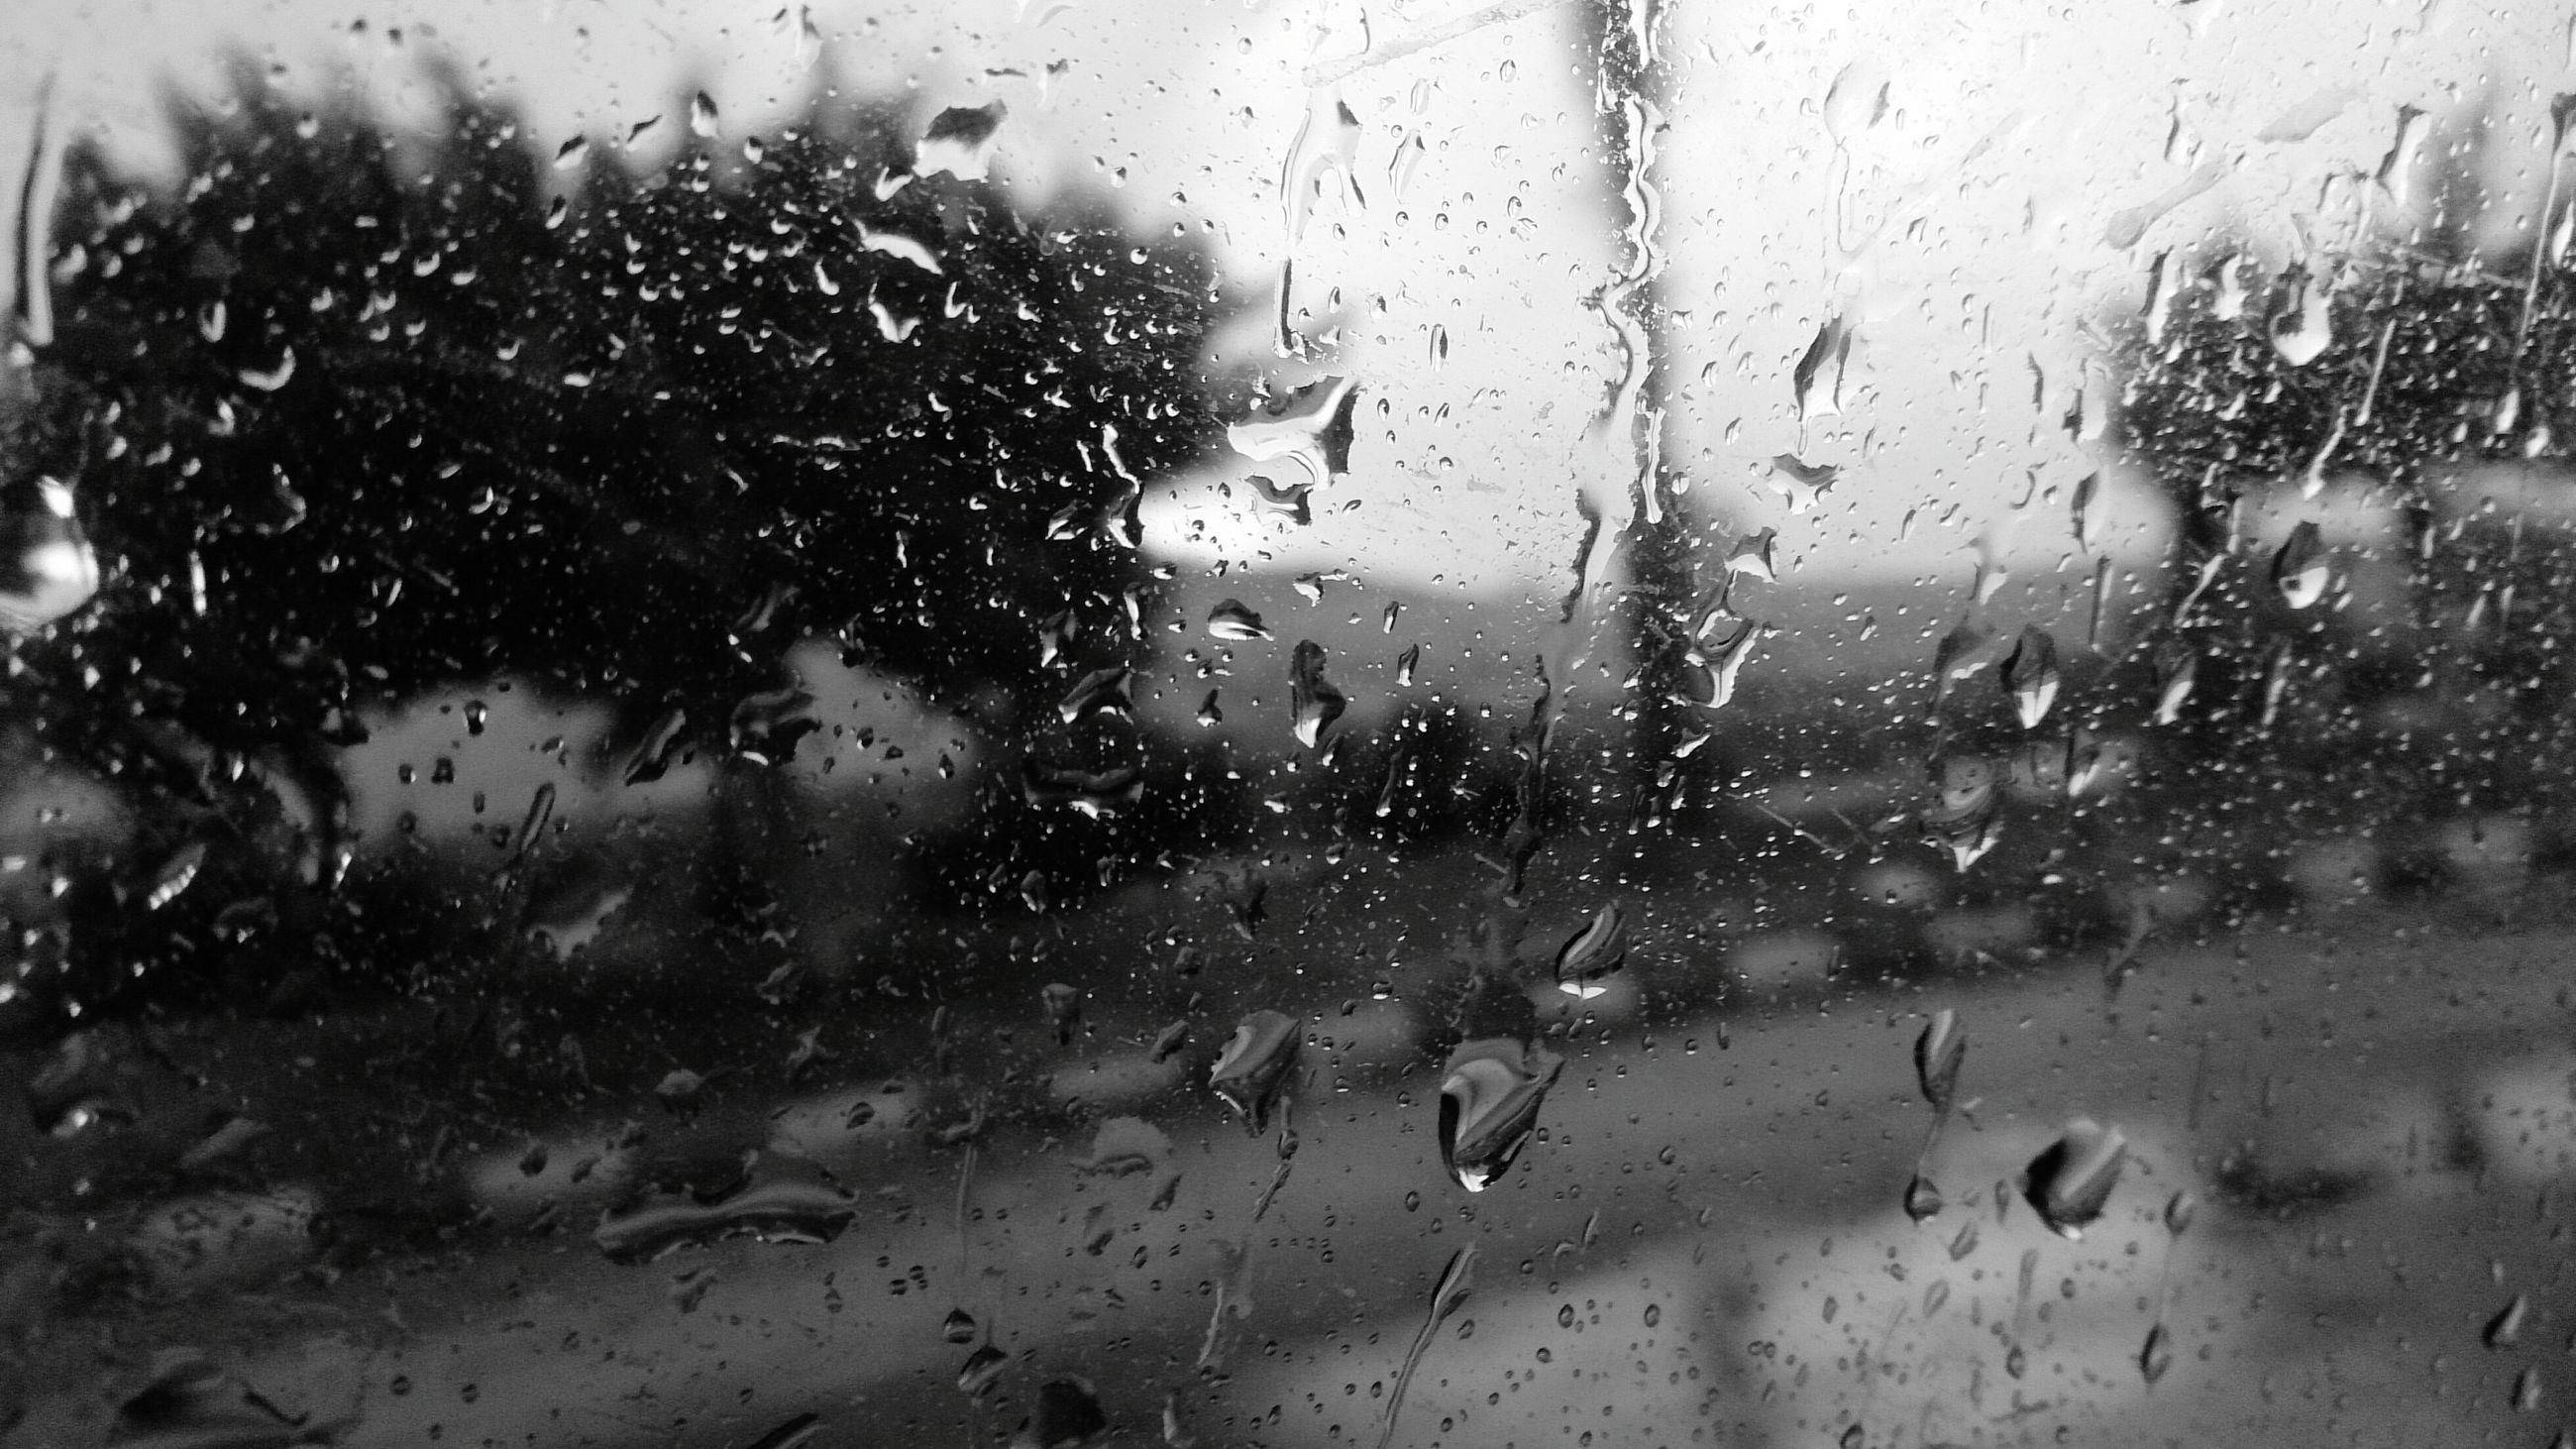 window, wet, season, water, drop, indoors, rain, weather, day, sky, no people